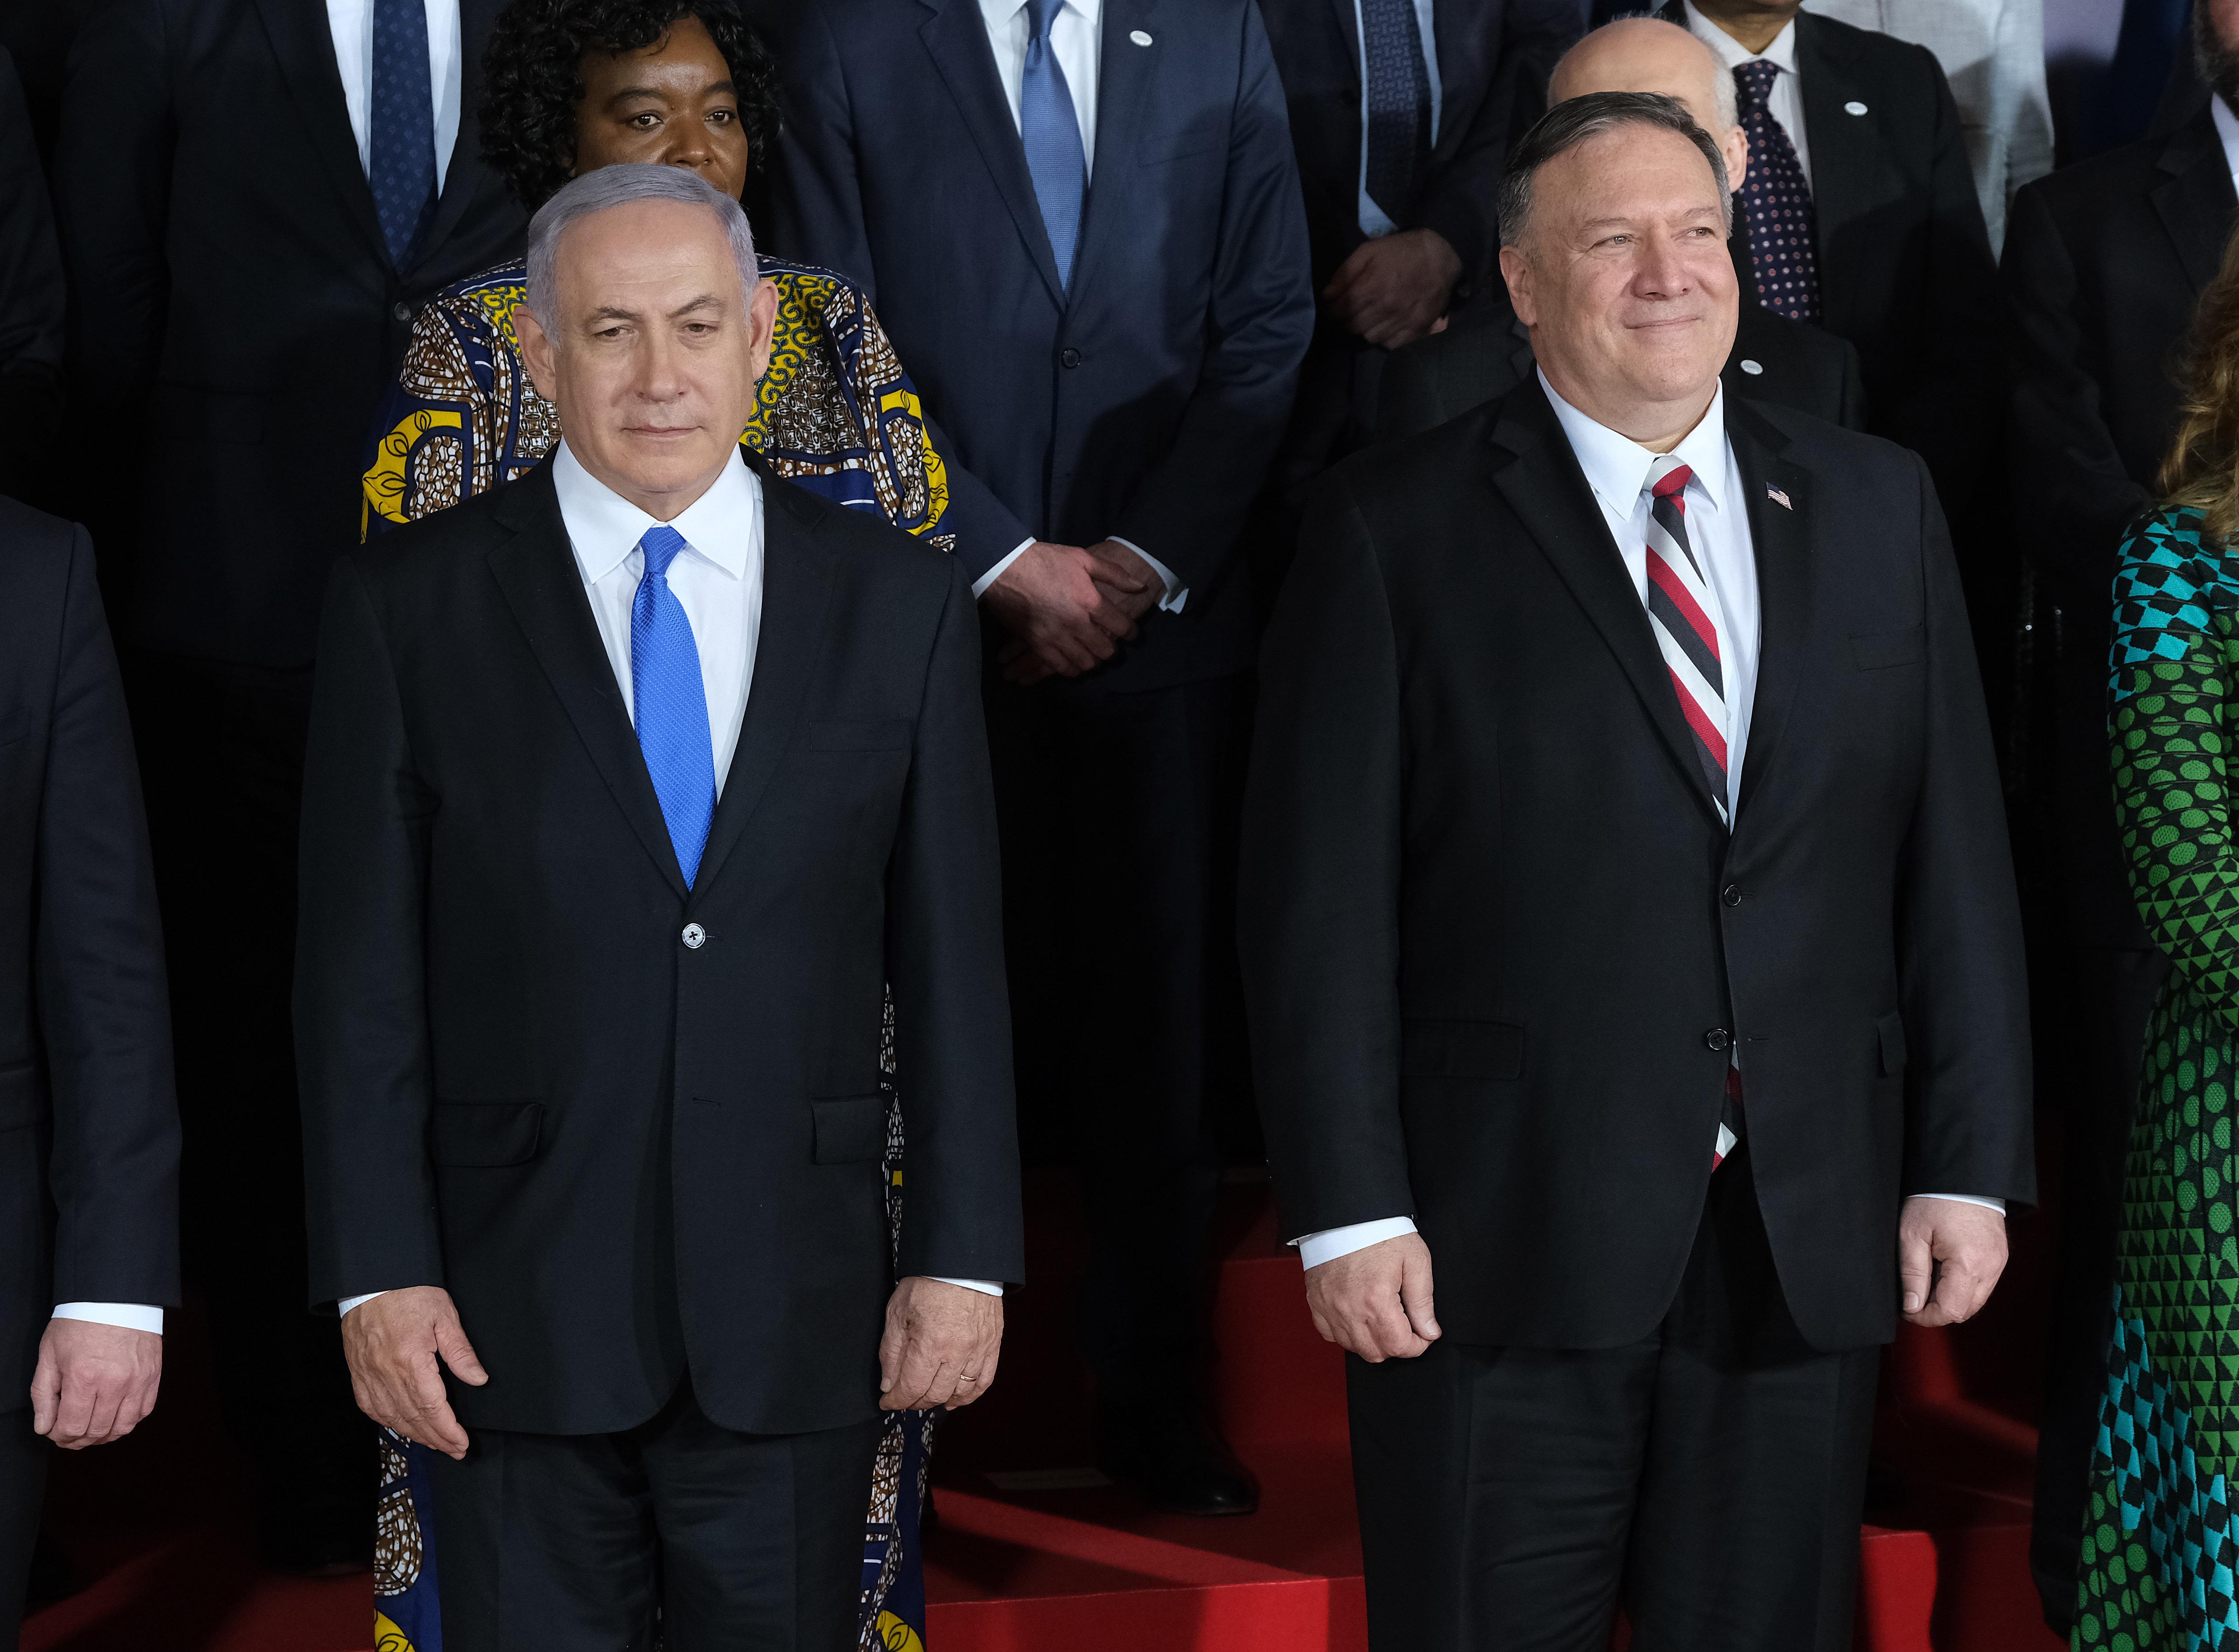 Σε διάσκεψη για την ειρήνη ο Νετανιάχου πρότεινε πόλεμο με το